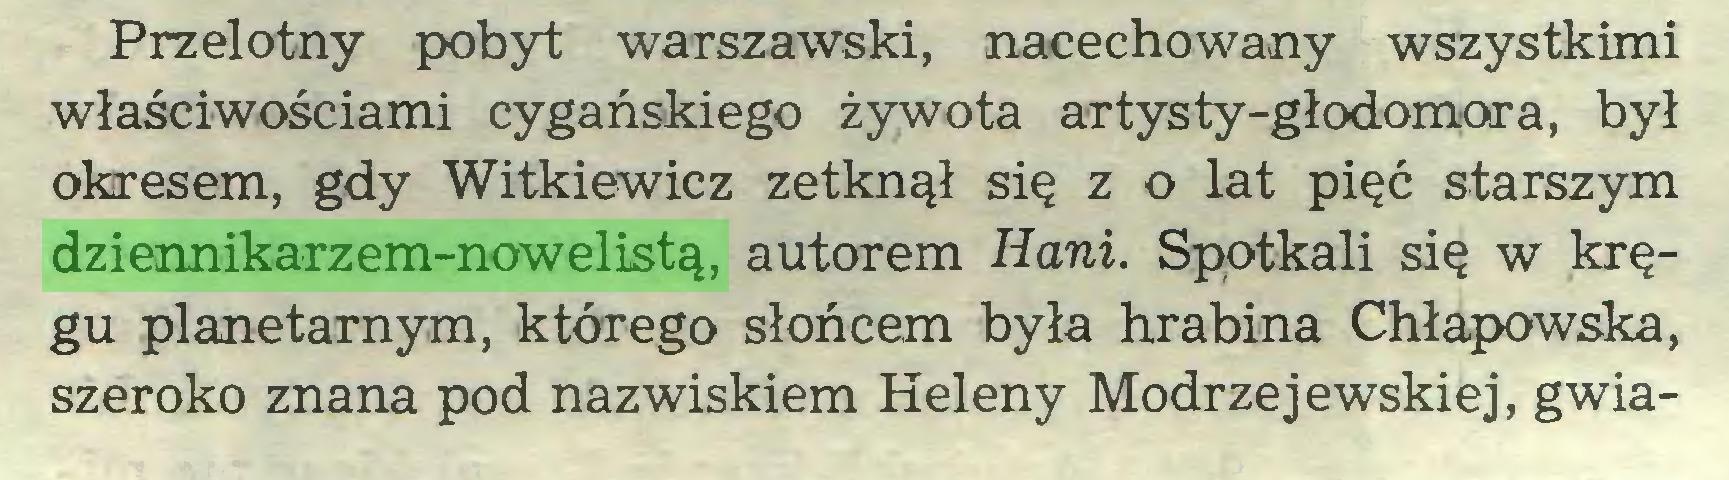 (...) Przelotny pobyt warszawski, nacechowany wszystkimi właściwościami cygańskiego żywota artysty-głodomora, był okresem, gdy Witkiewicz zetknął się z o lat pięć starszym dziennikarzem-nowelistą, autorem Hani. Spotkali się w kręgu planetarnym, którego słońcem była hrabina Chłapowska, szeroko znana pod nazwiskiem Heleny Modrzejewskiej, gwia...